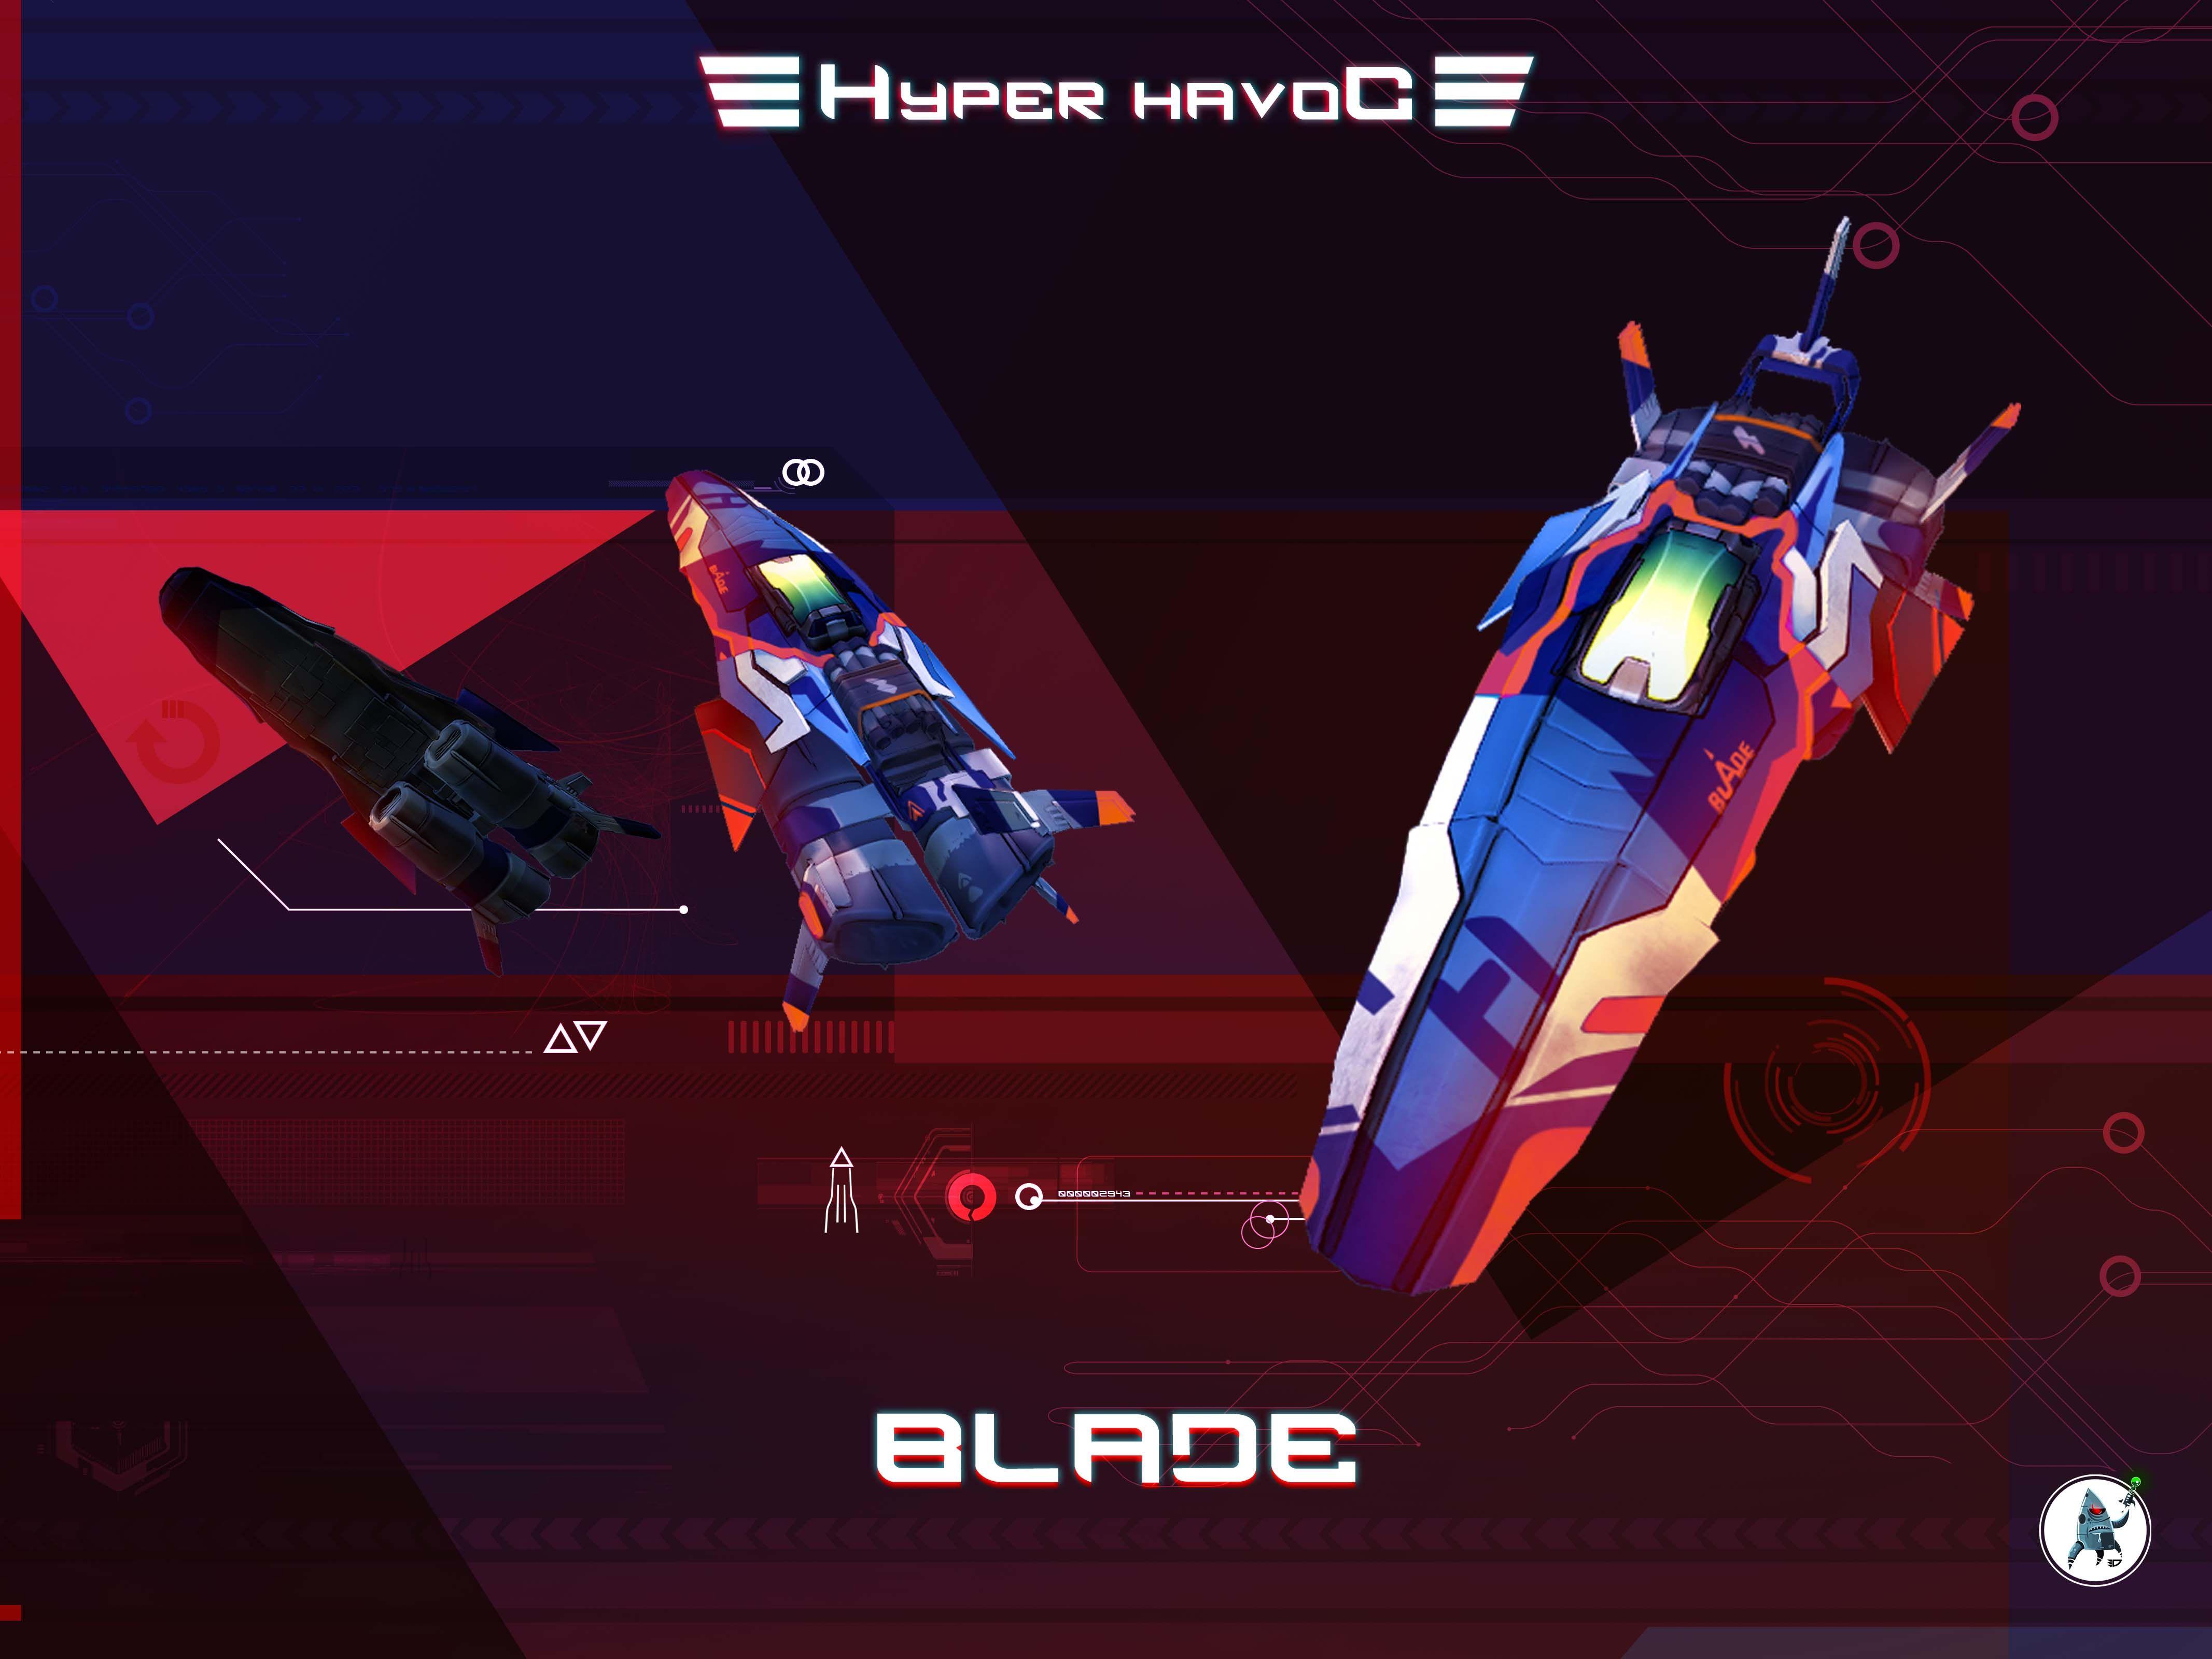 Hyper Havoc Blade Spacecraft